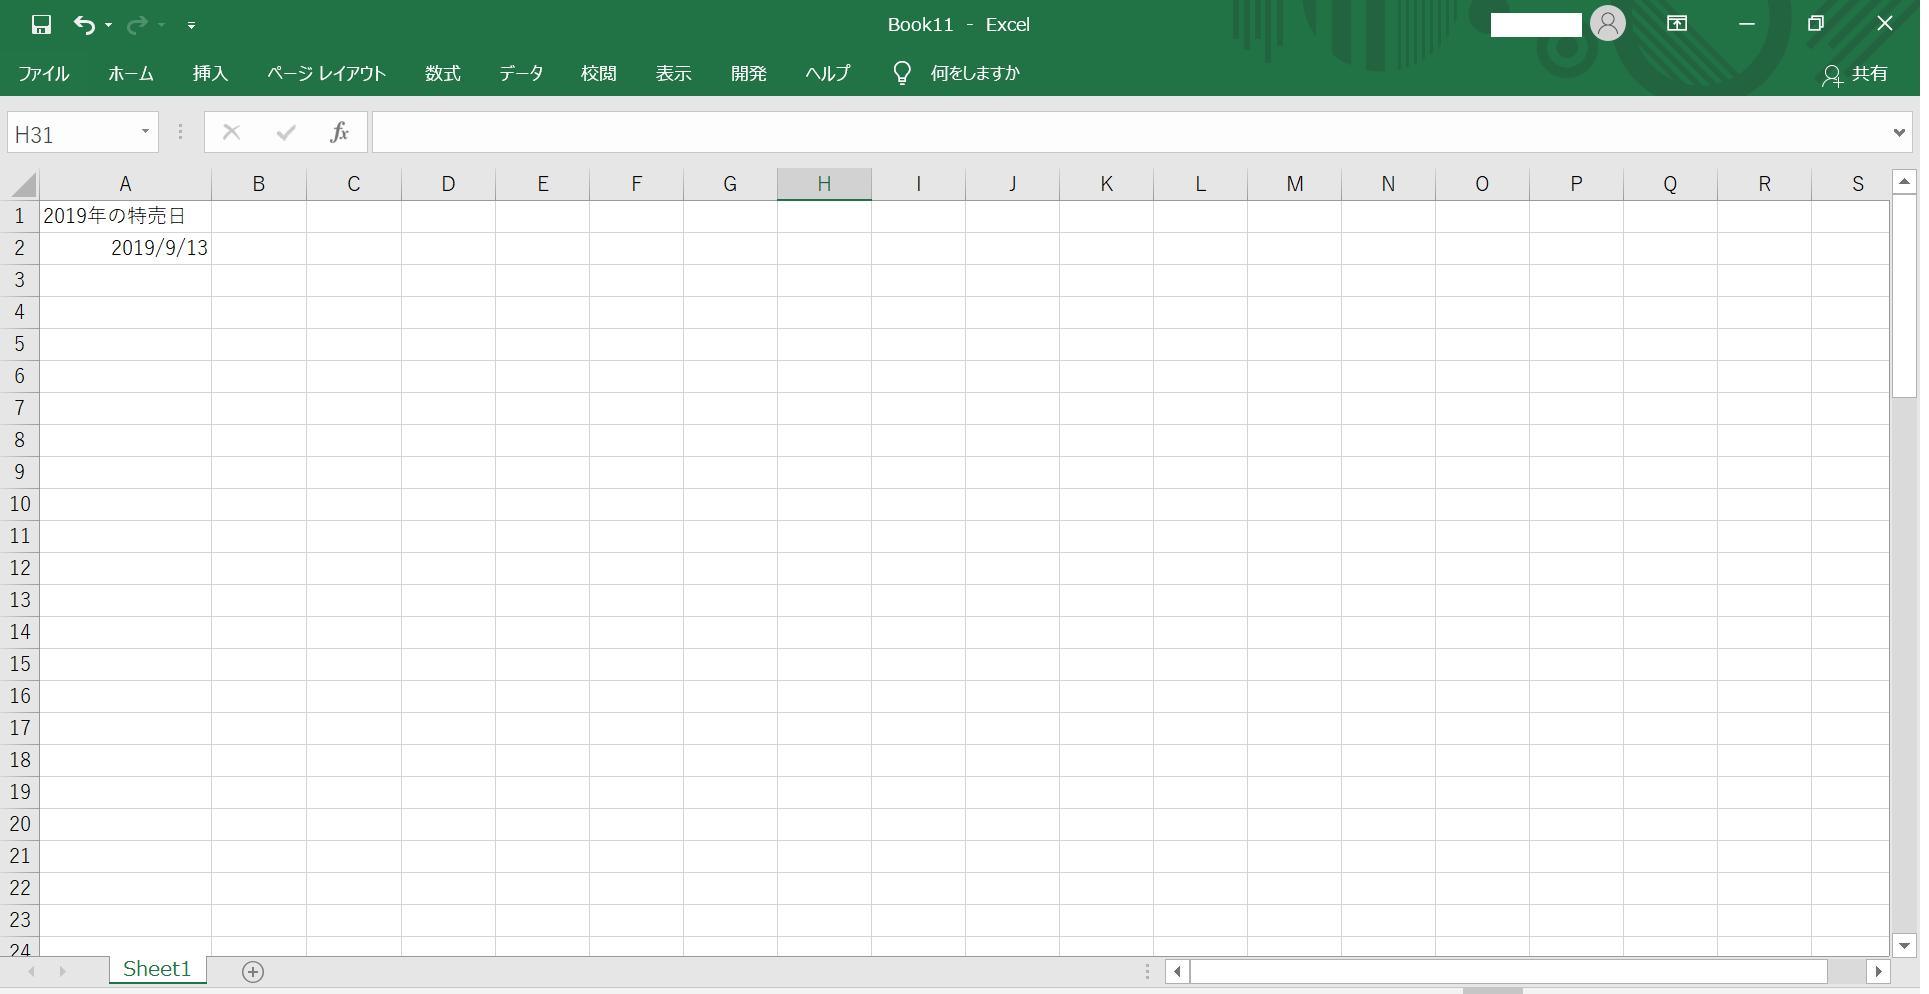 日付から曜日を確認するマクロを実行する前の画面